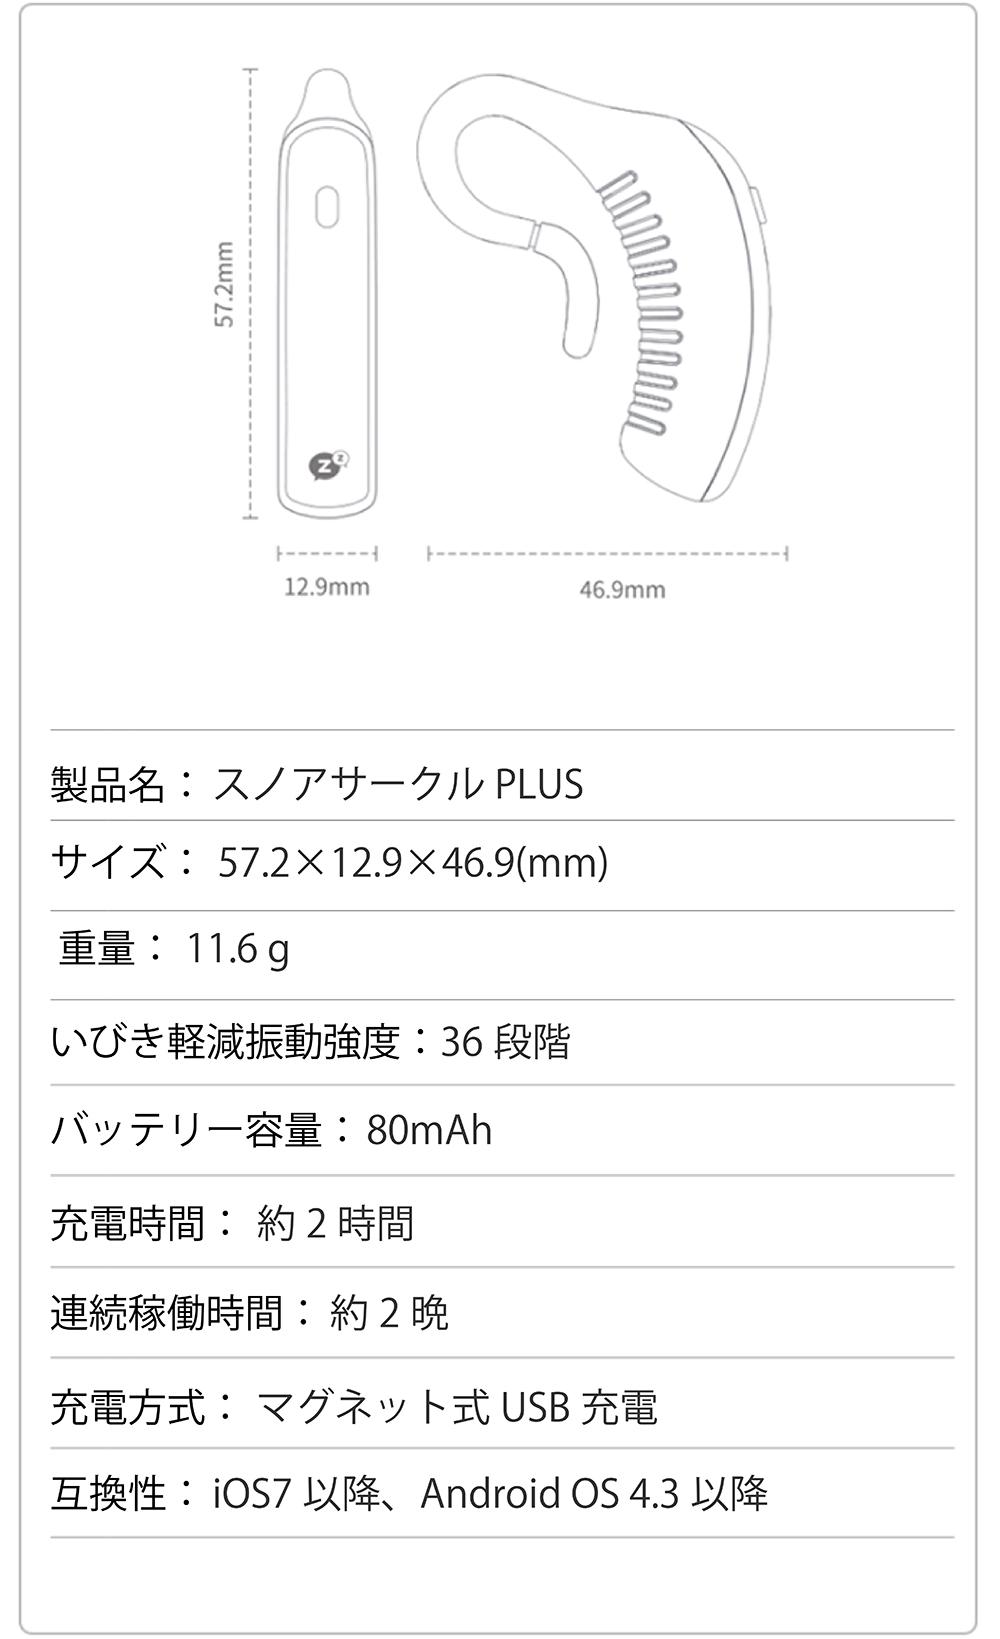 製品仕様 製品名:スノアサークル PLUS サイズ:57.2×12.9×46.9(mm) 重量:11.6g いびき軽減振動強度:36段階 バッテリー容量:80mAh 充電時間:約2時間 連続稼働時間:約2晩 充電方式:マグネット式USB充電 互換性:iOS7以降、AndroidOS4.3以降